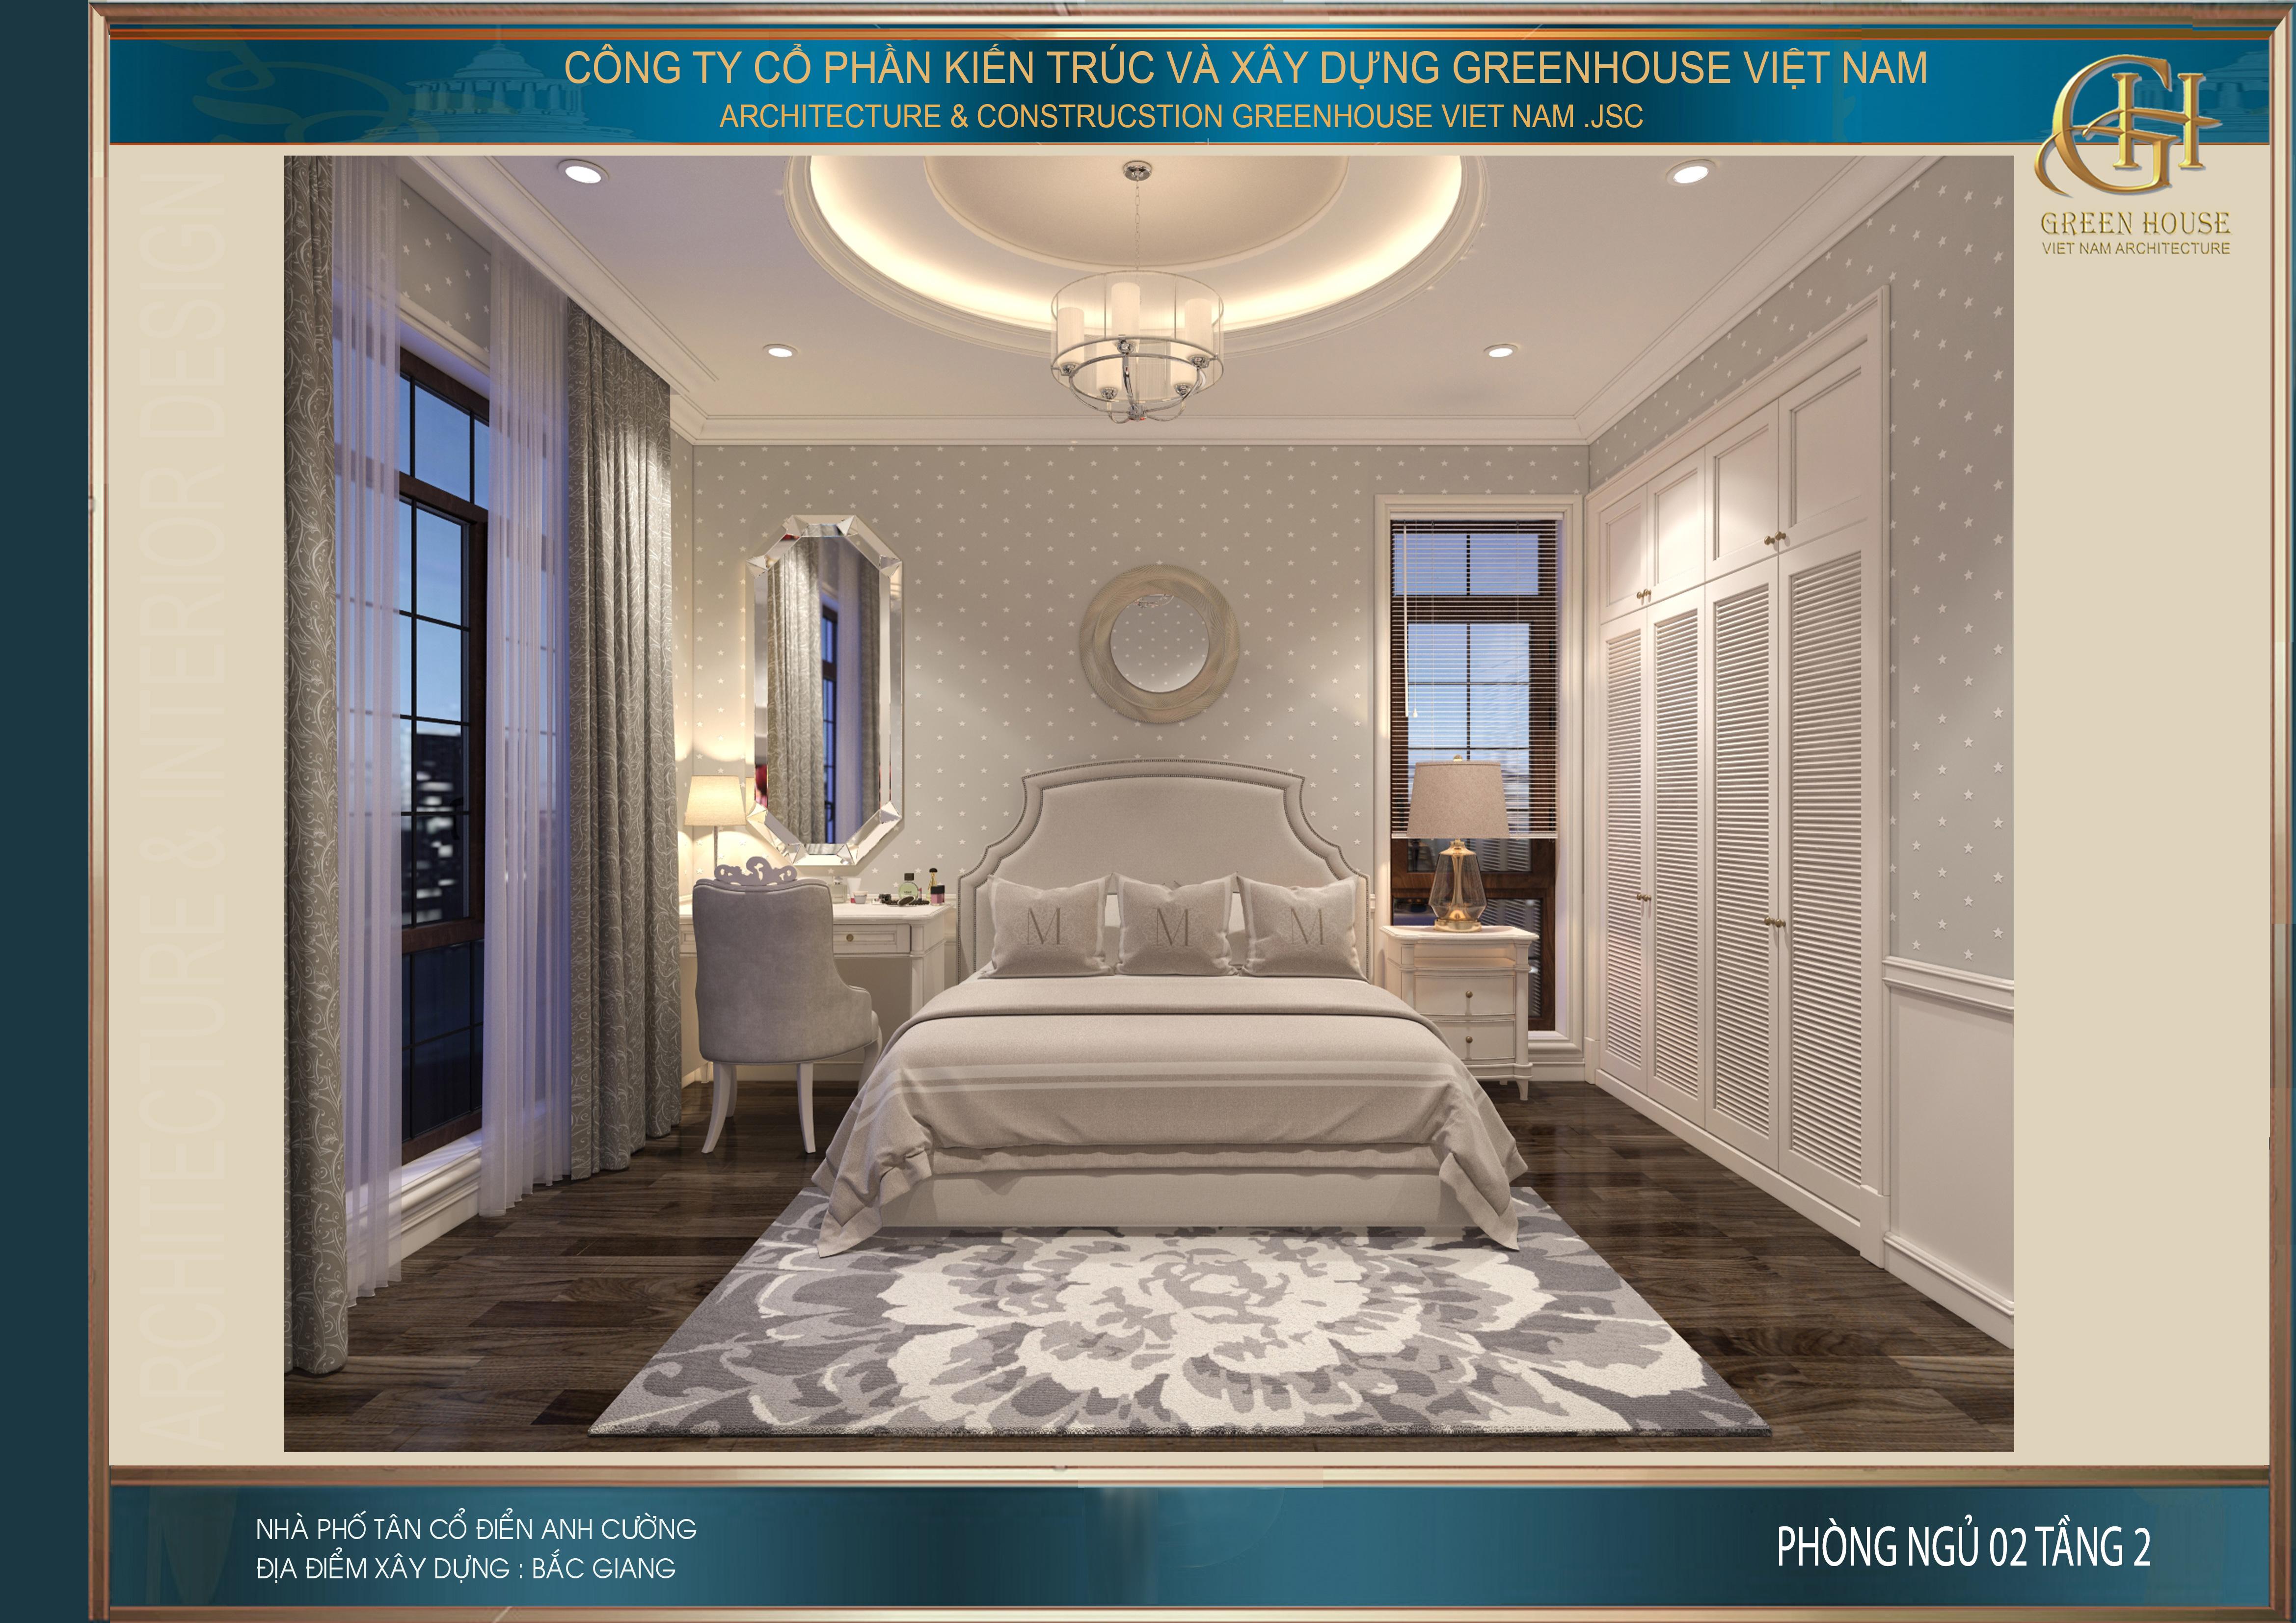 Phòng ngủ số 2 mang đến màu sắc tươi mới trẻ trung